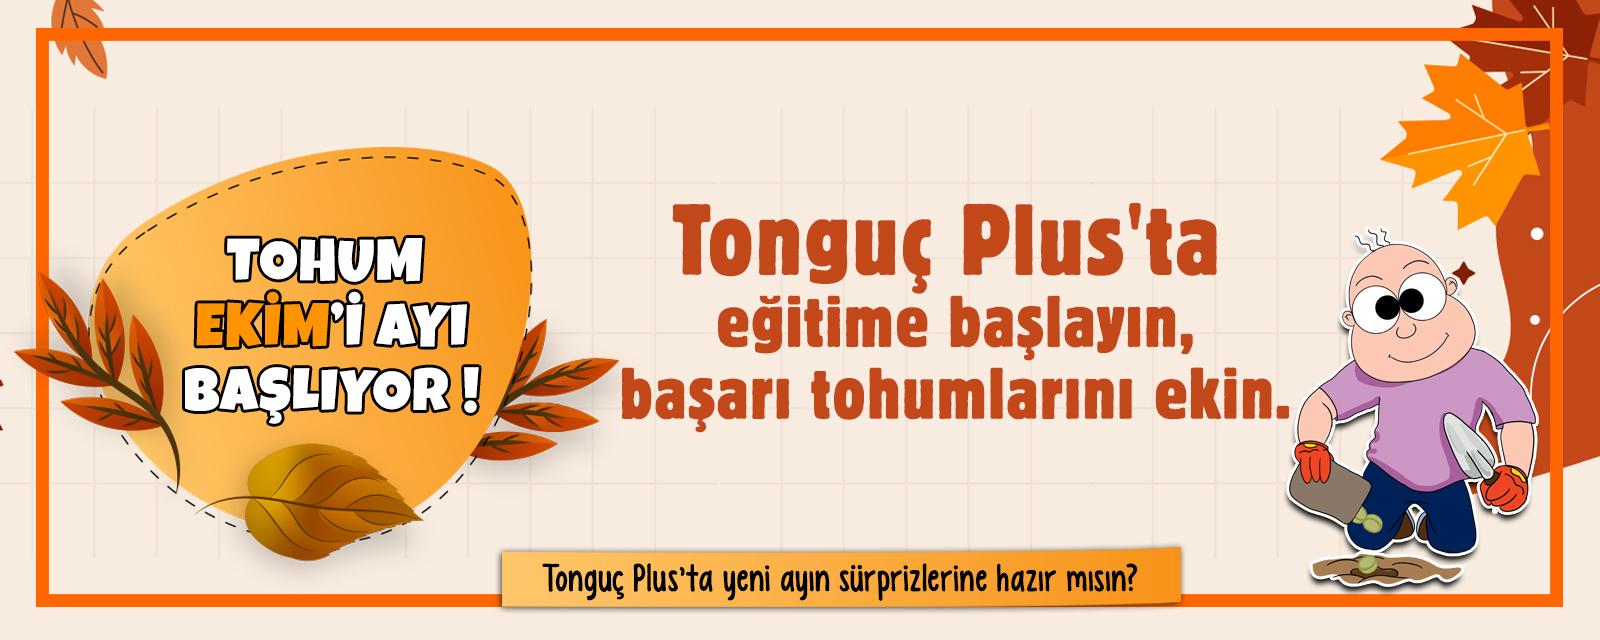 ekim_tohum_ayi_basladi